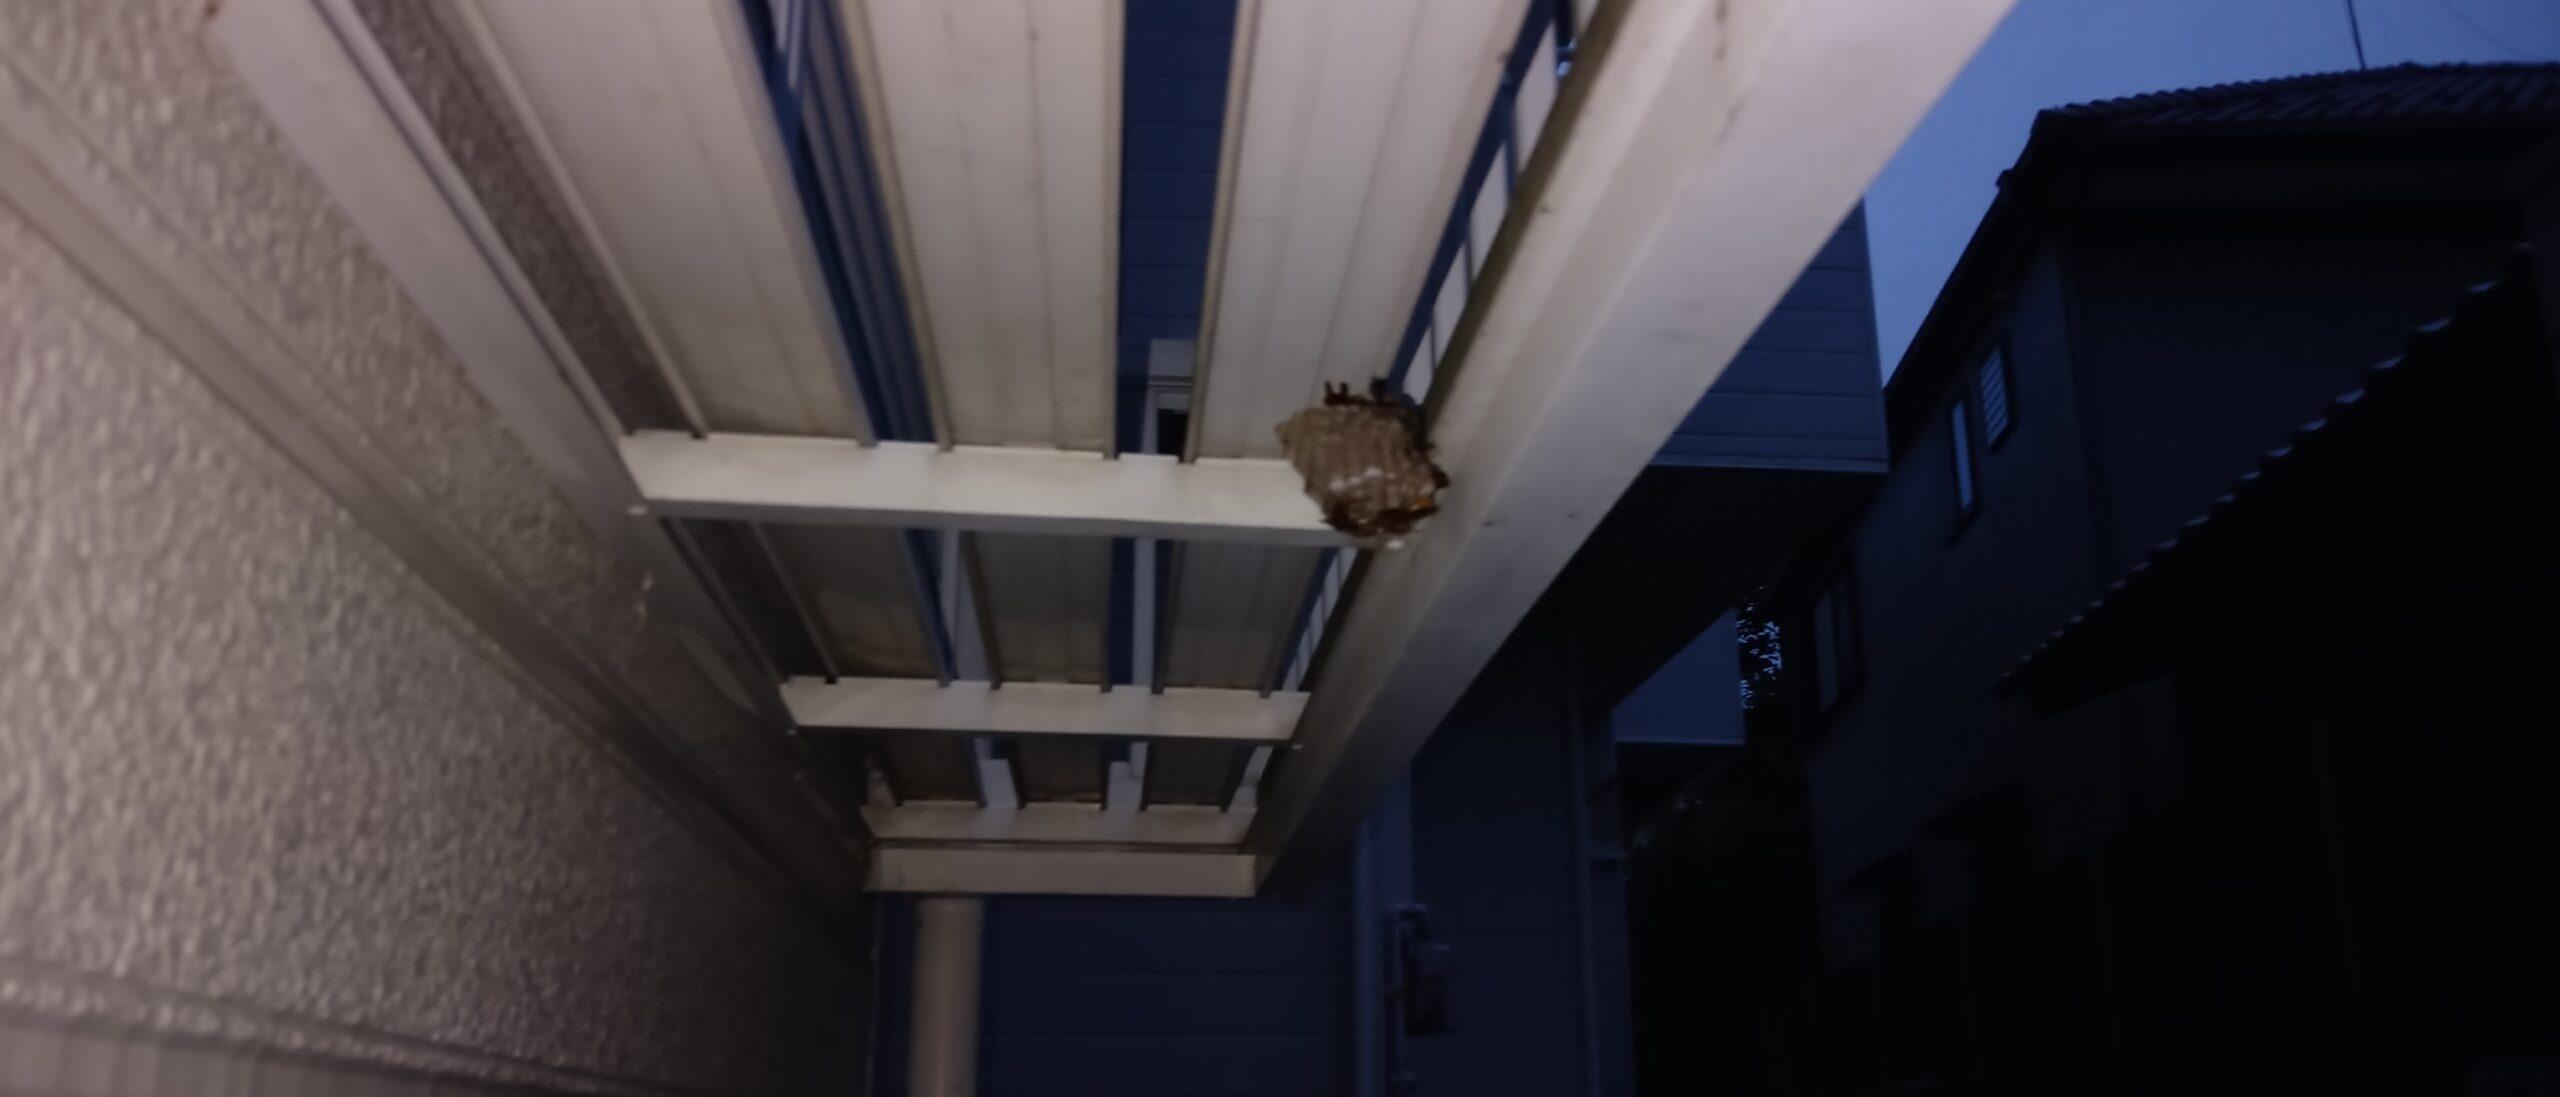 千葉県印西市のA様のハチ駆除:施工前